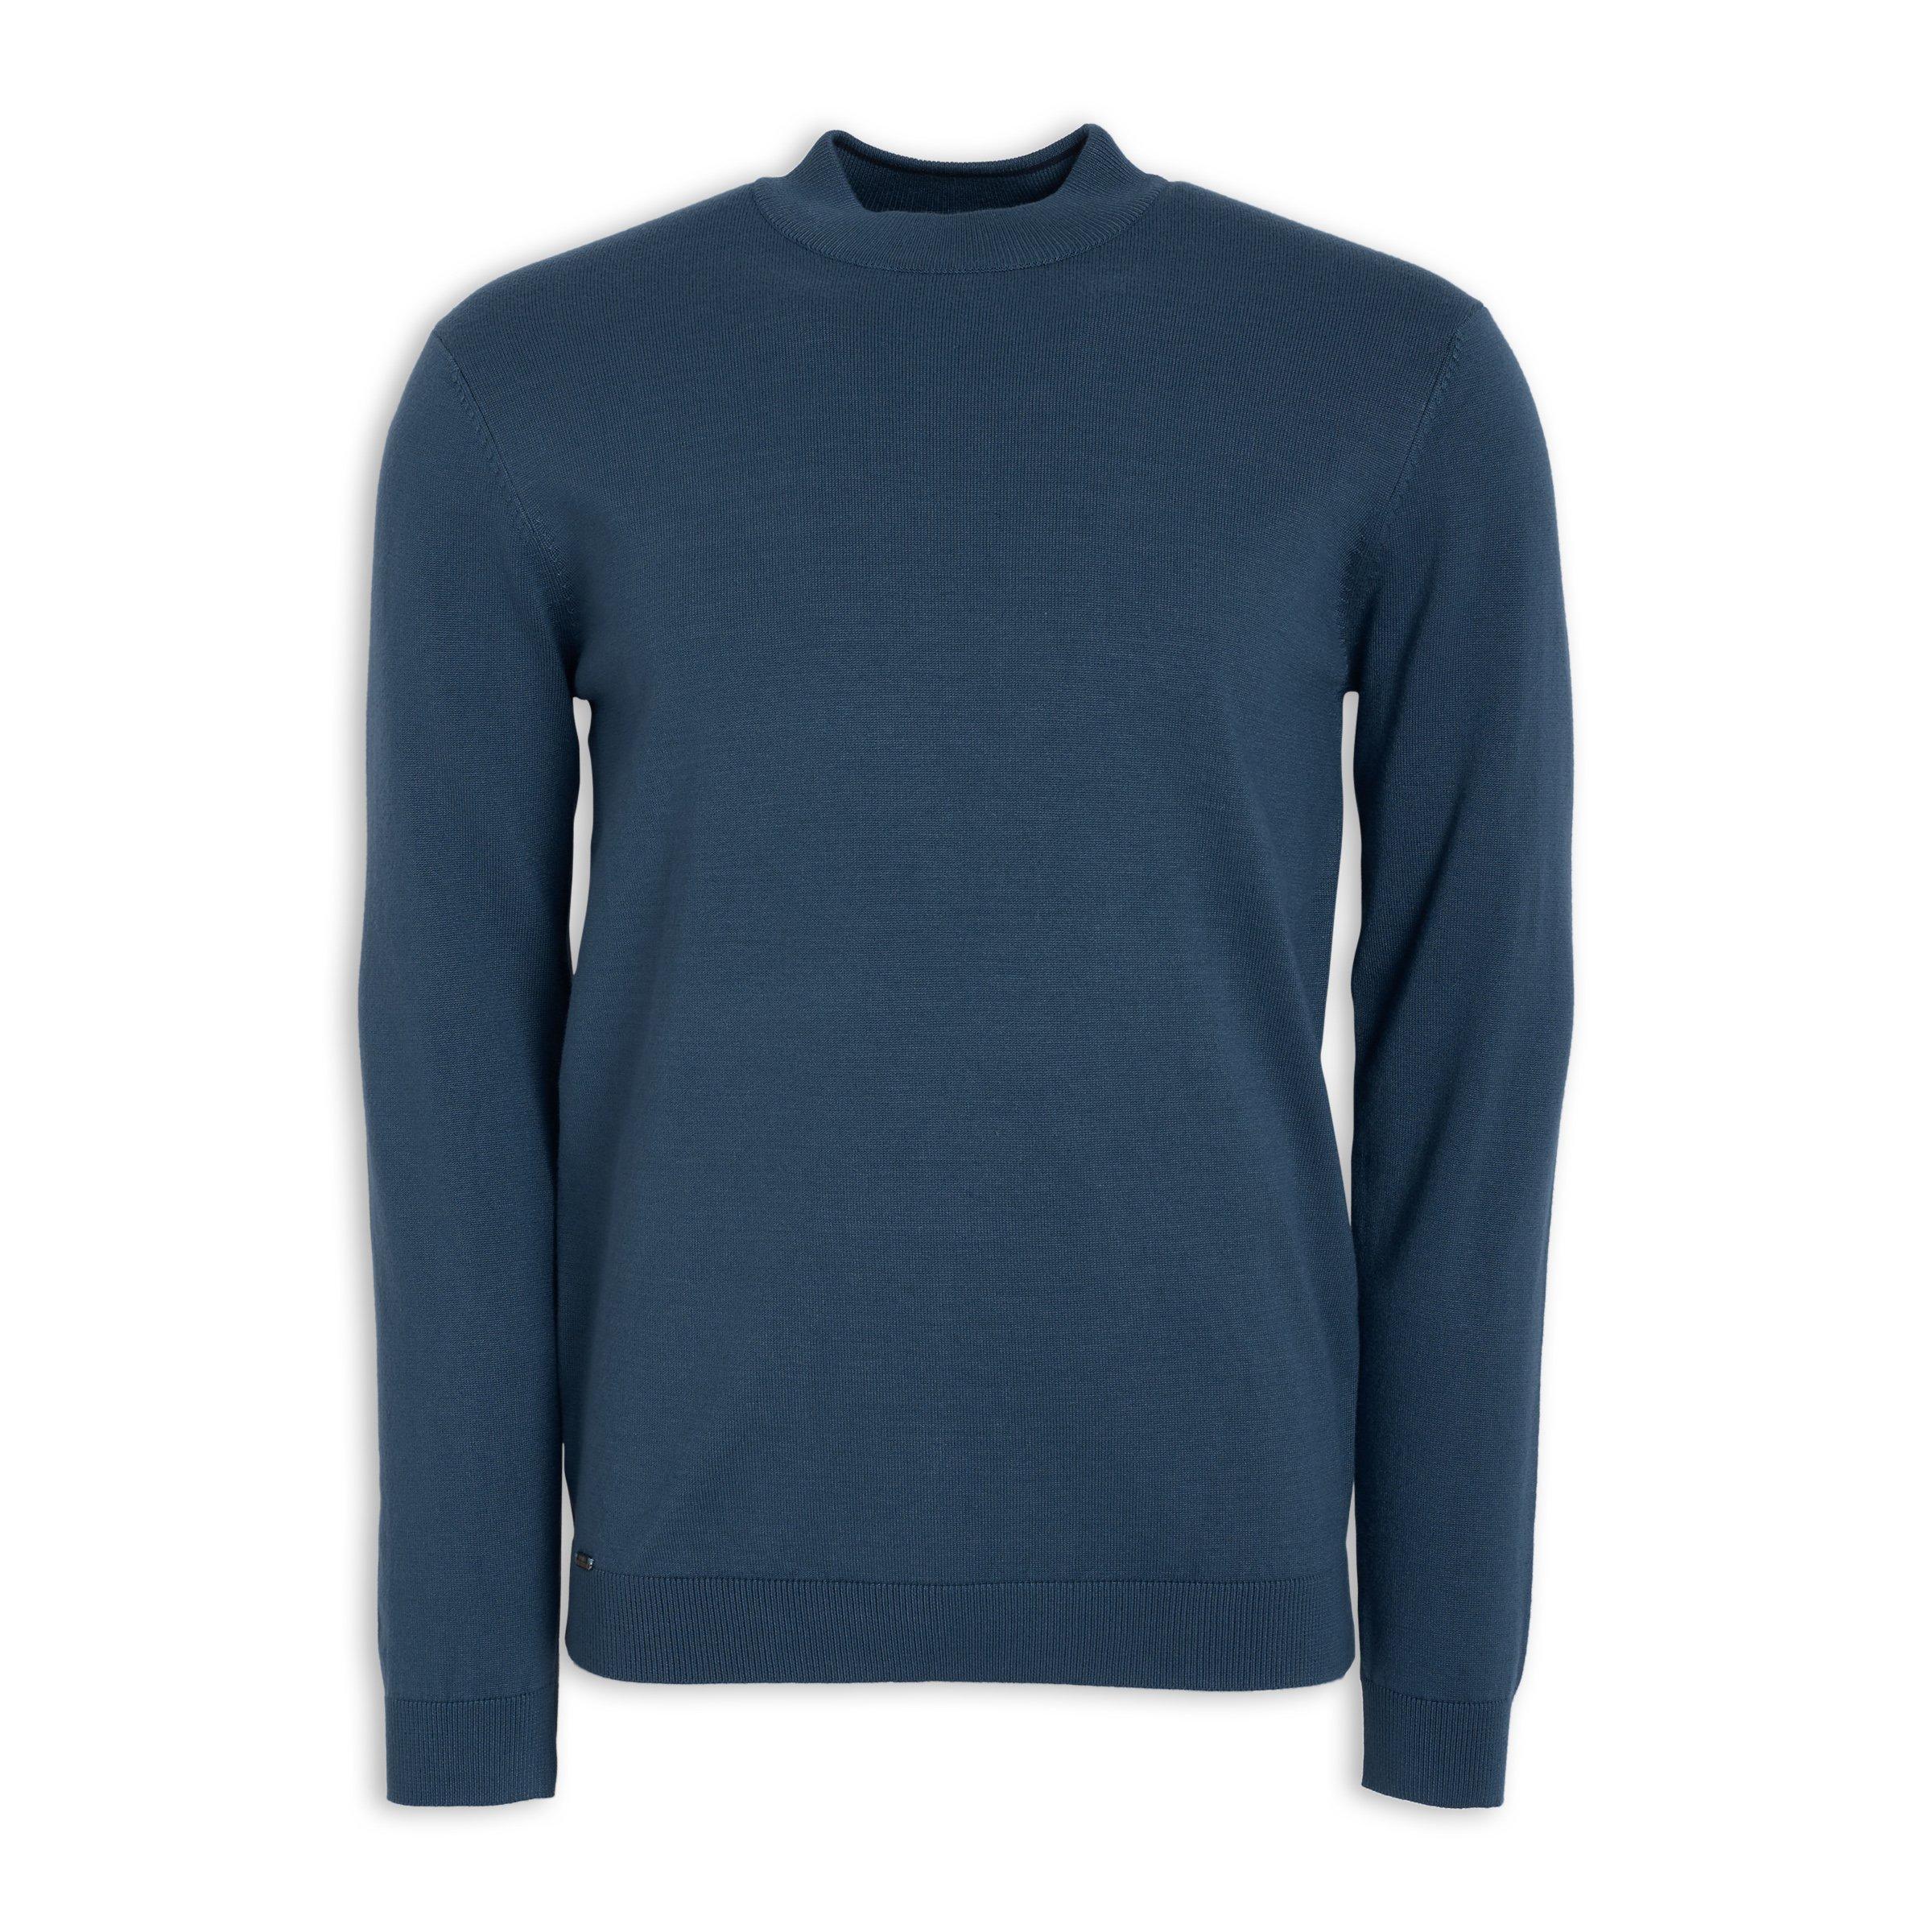 c32e596ee4 Blue Turtleneck Sweater